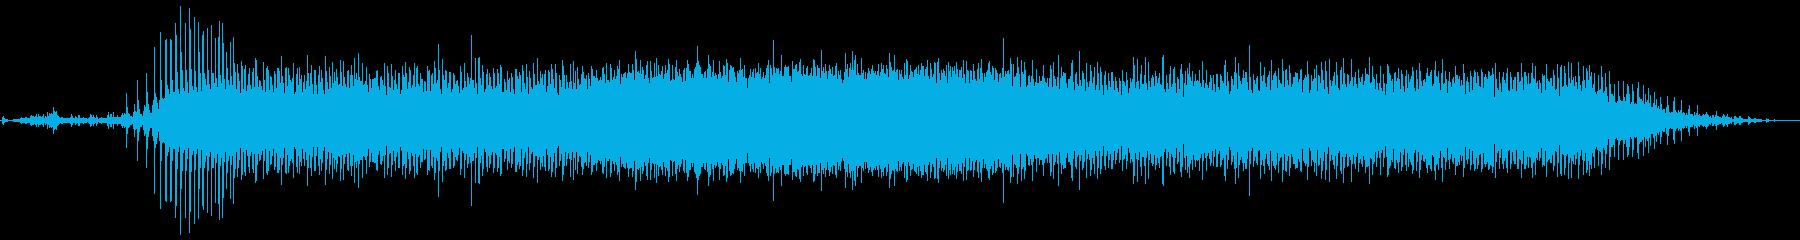 ガス法律家:プルスタート、アイドル...の再生済みの波形